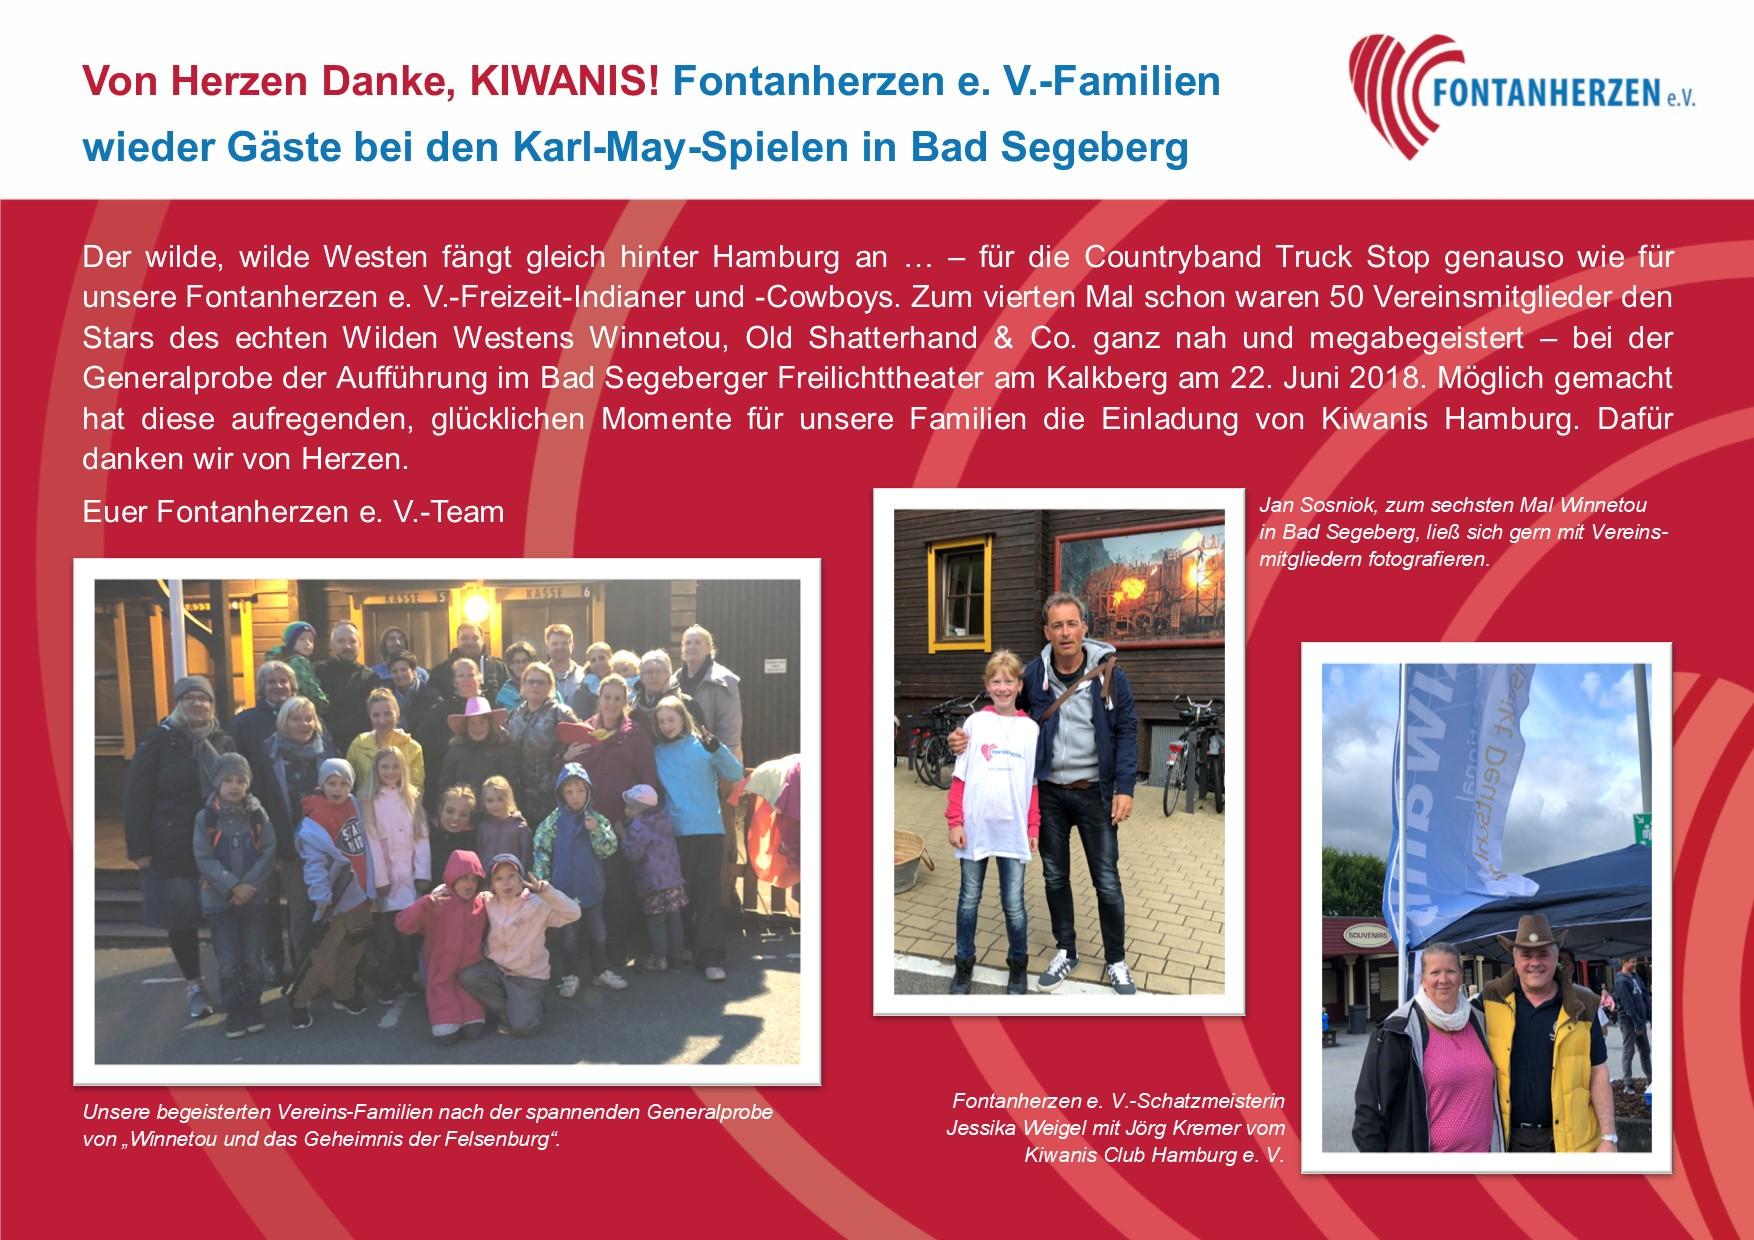 News | Events | Fontanherzen e. V.